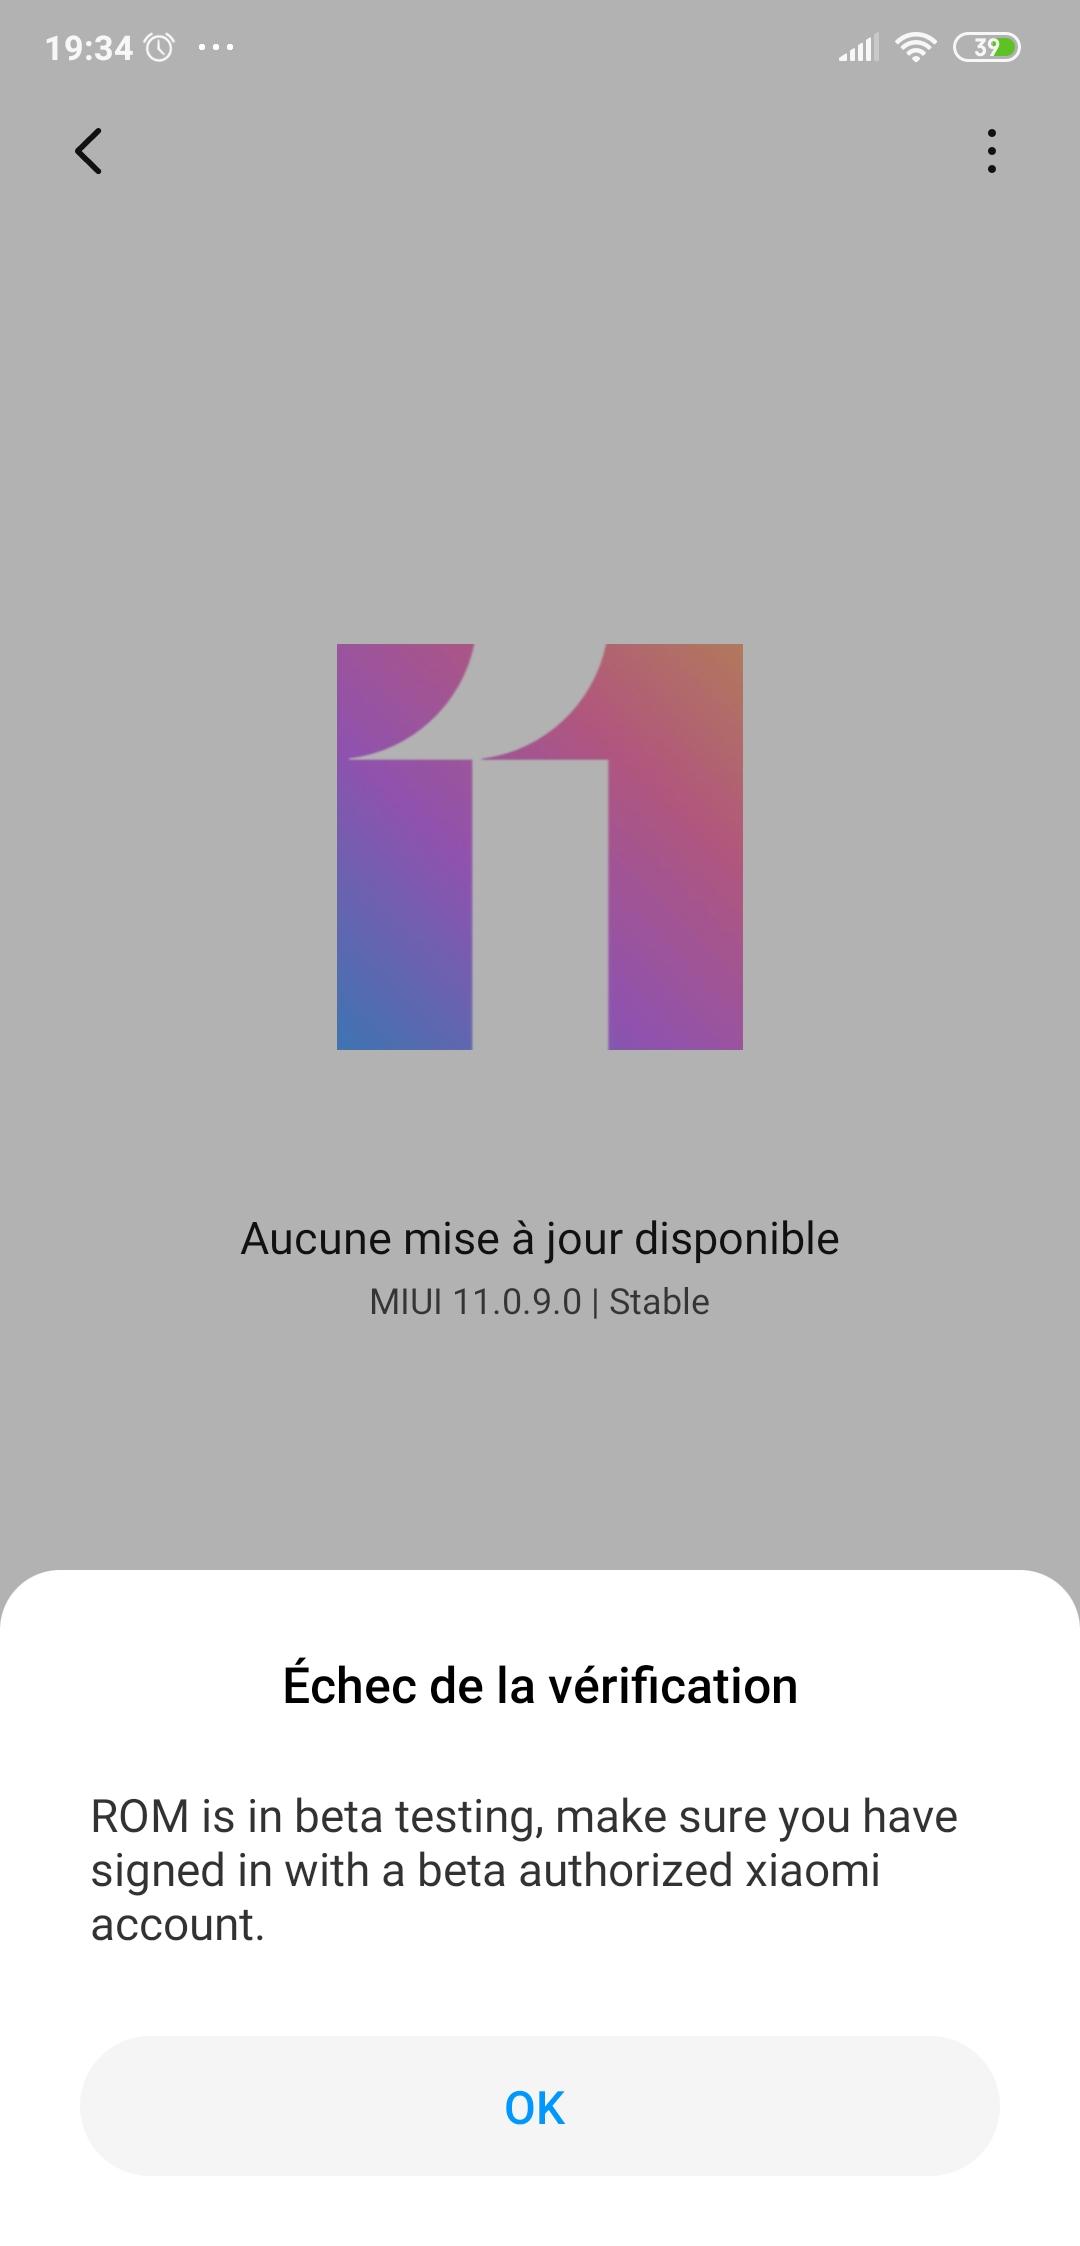 Screenshot_2020-10-08-19-34-41-652_com.android.updater.jpg